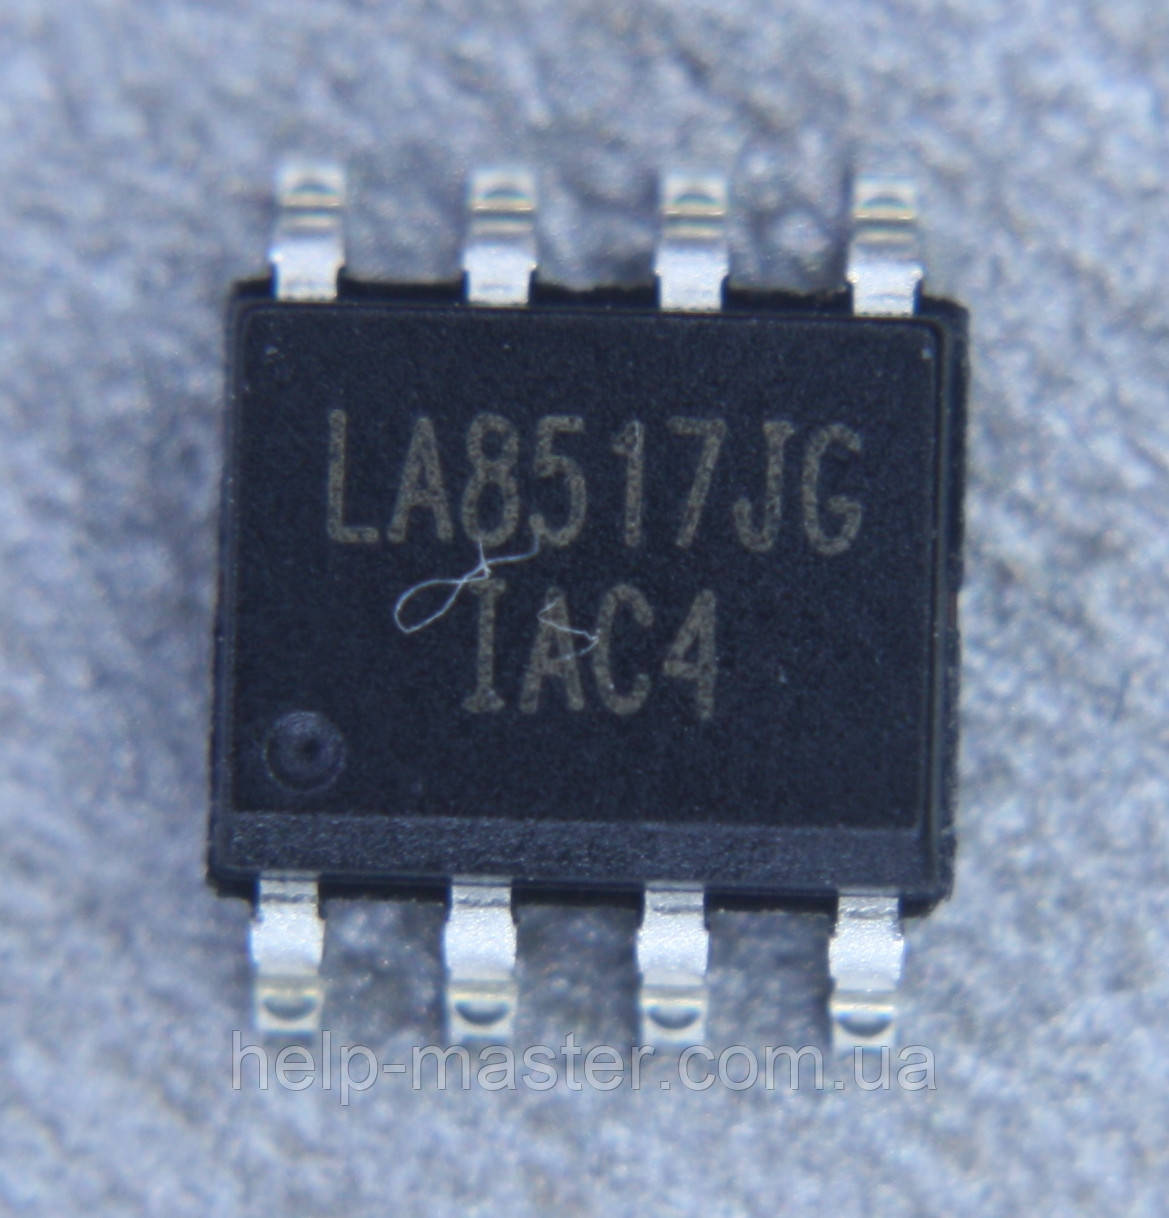 LA8517JG; (SO-8)